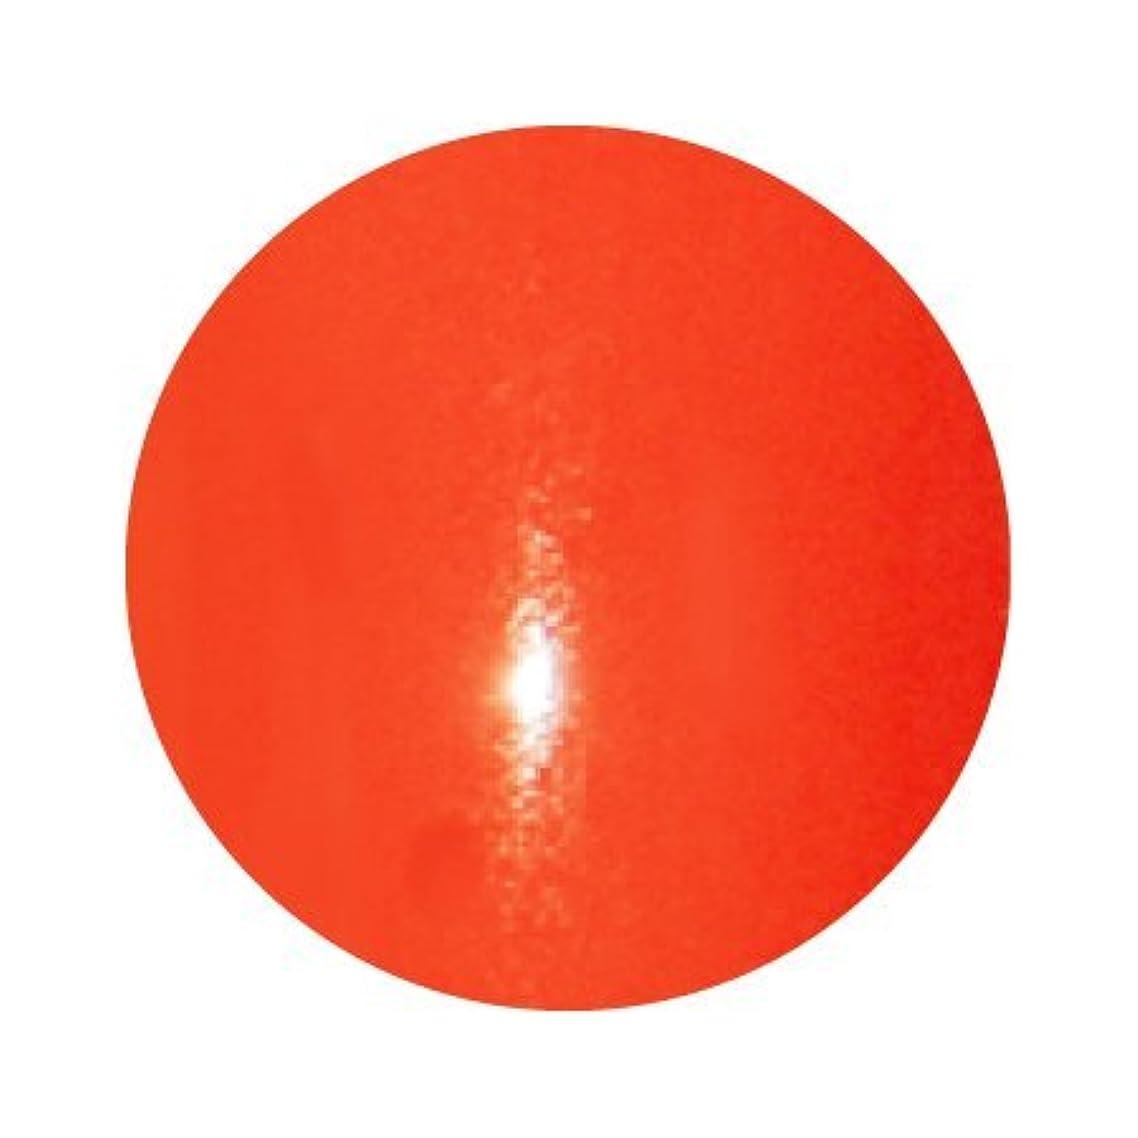 呼び起こすに賛成コンパニオンジェルネイル カラージェル プリジェル PREGEL スーパーカラーEX PG-SE811 マリーゴールド 3g